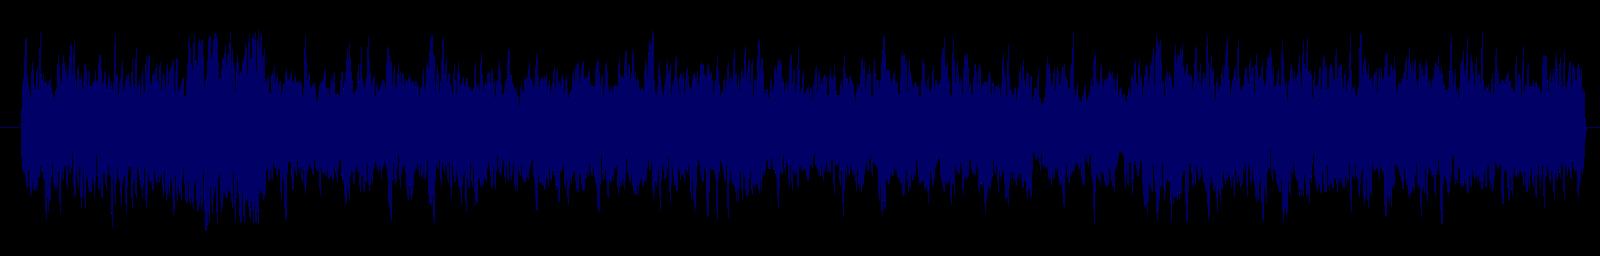 waveform of track #106991